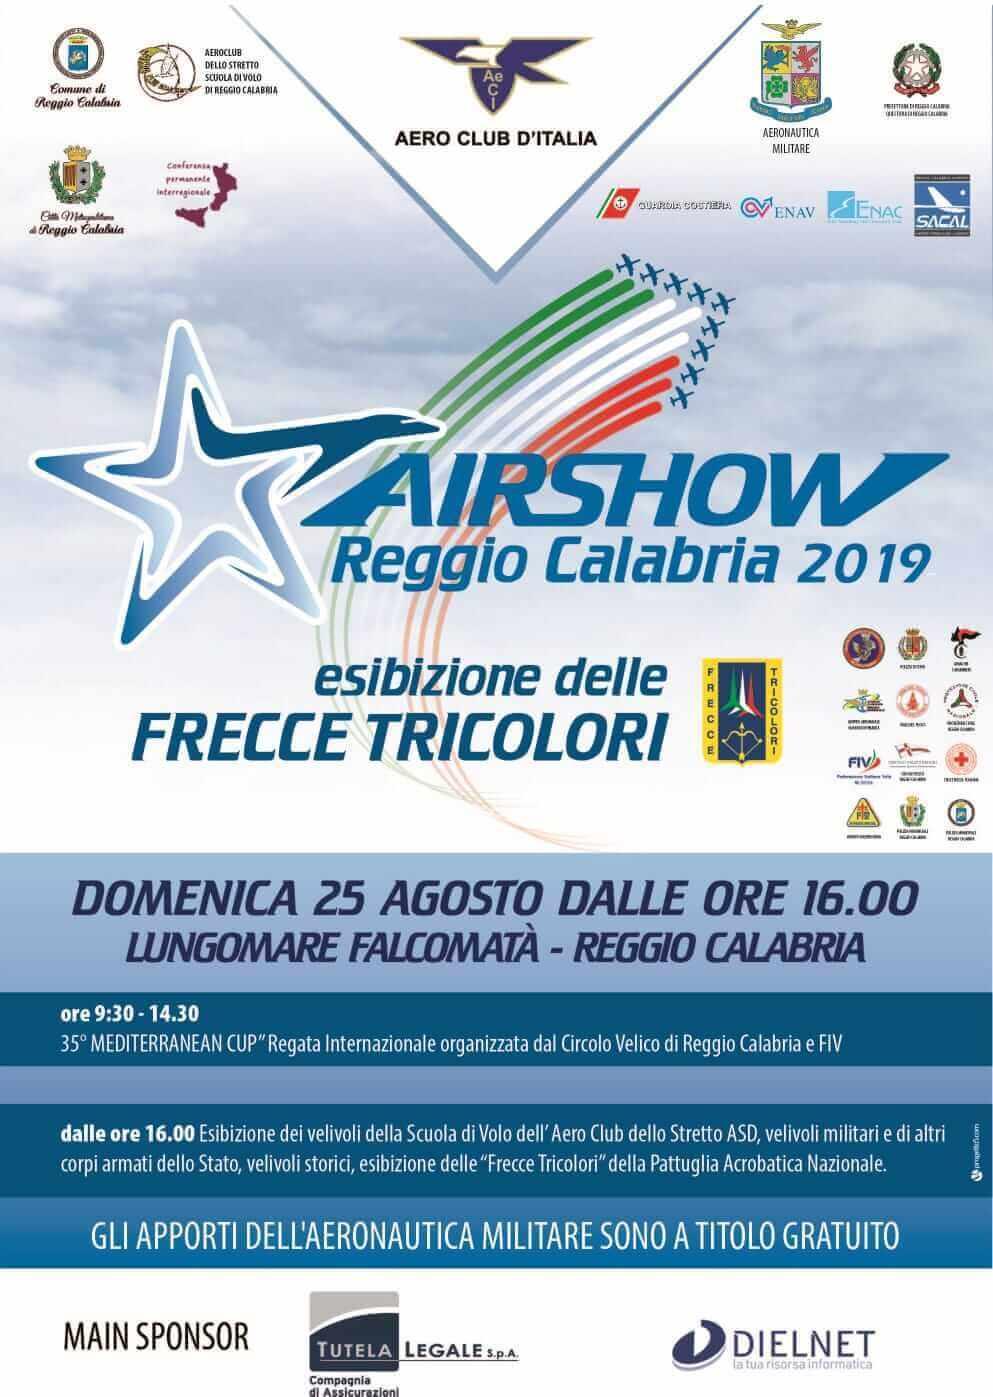 Frecce Tricolori Calendario 2020.Aeroporto Reggio Calabria Programma Frecce Tricolori Del 25